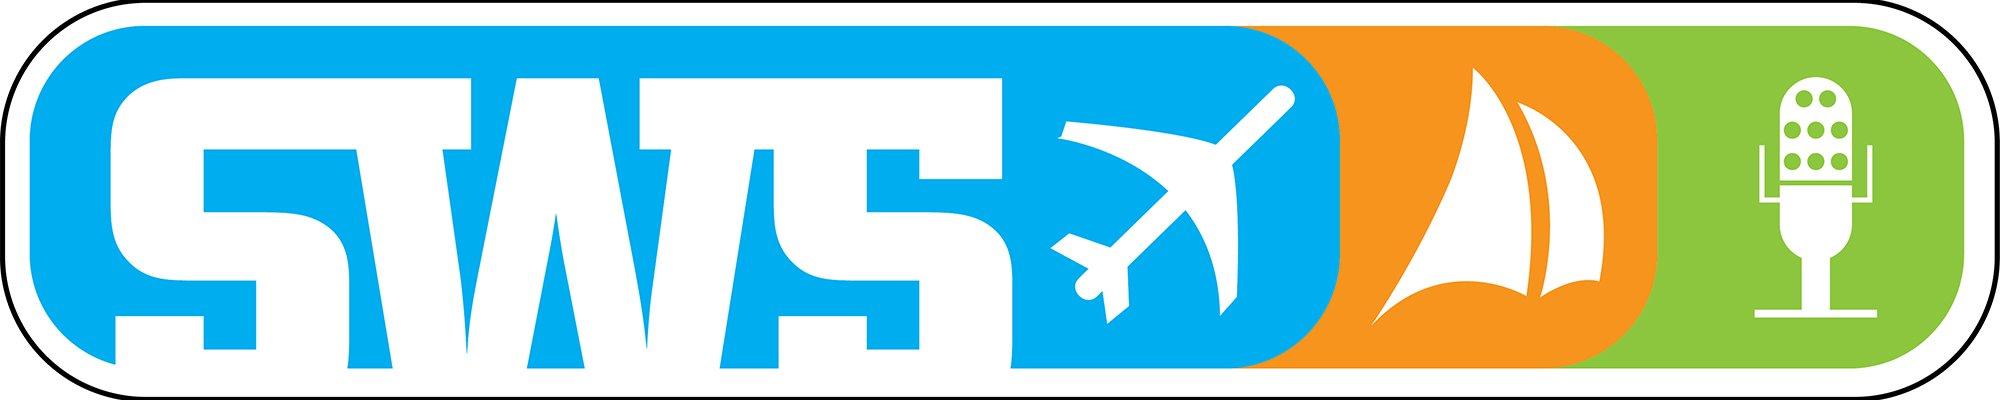 logo-sws-sailing.jpg